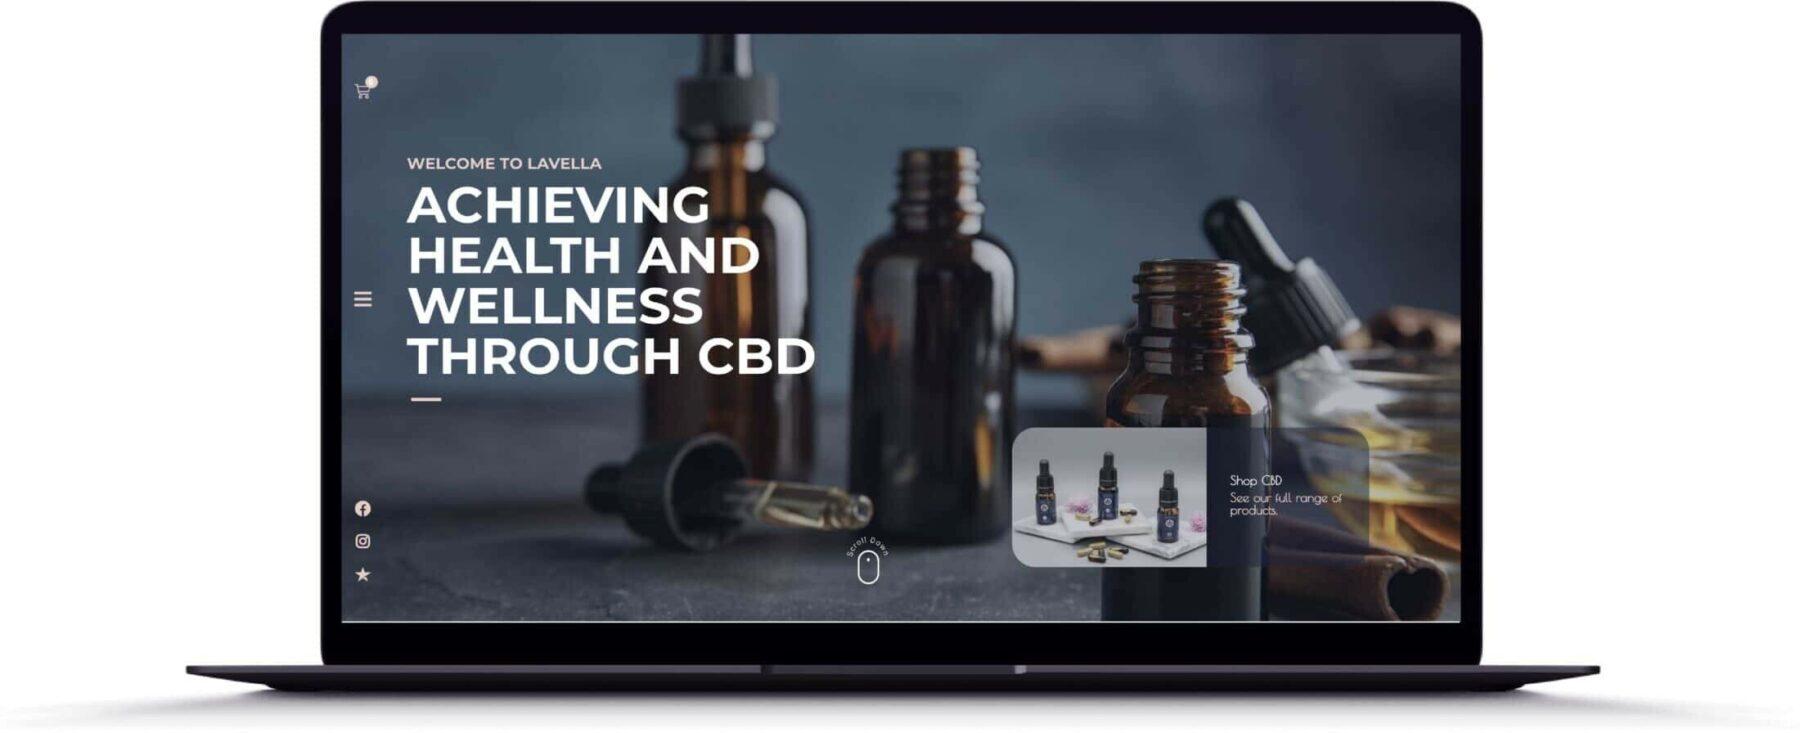 Lavella CBD Homepage